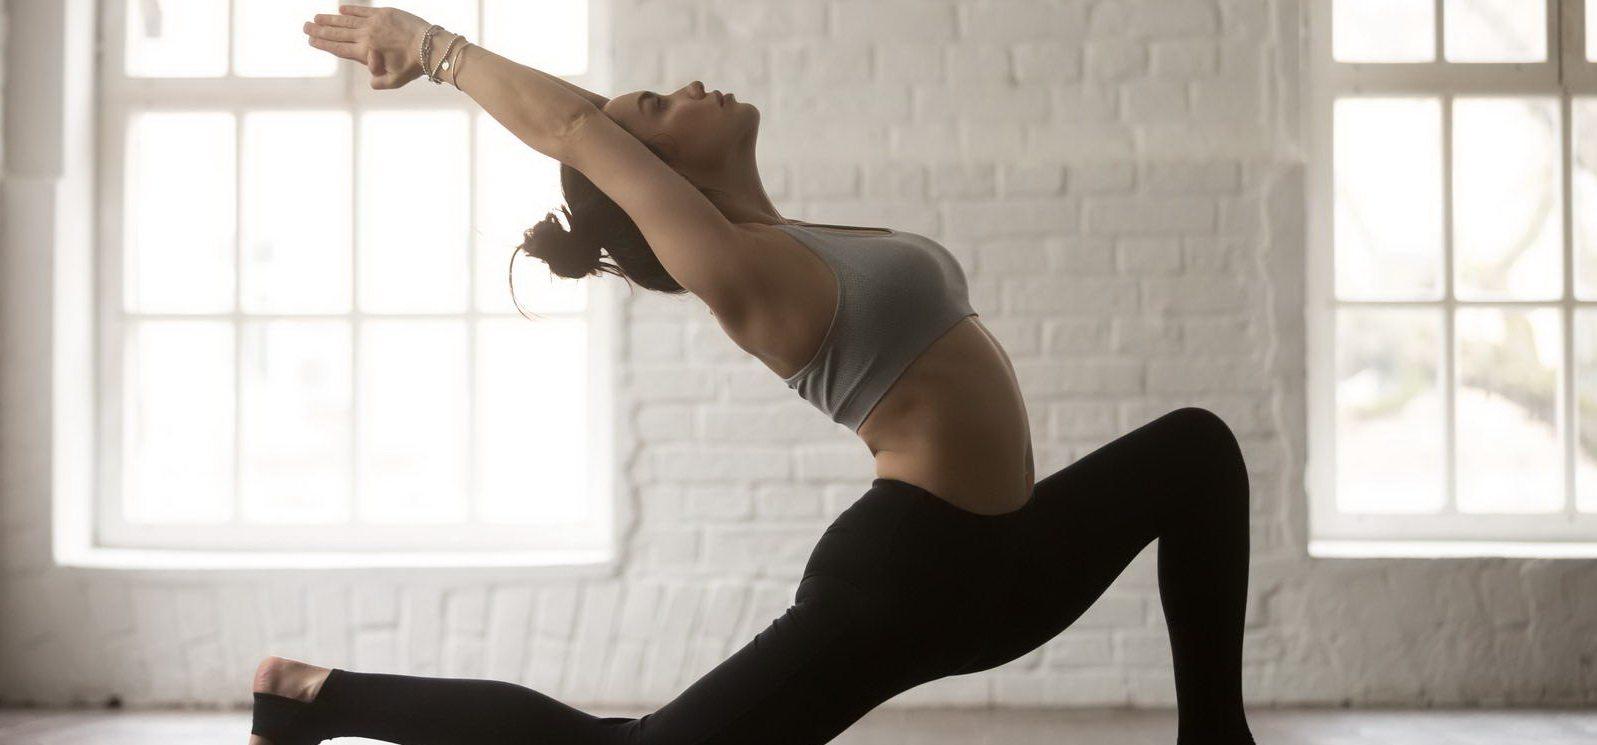 leaderfit-cours-pilates-yoga-bien-etre-corporel-north-miami-s-02